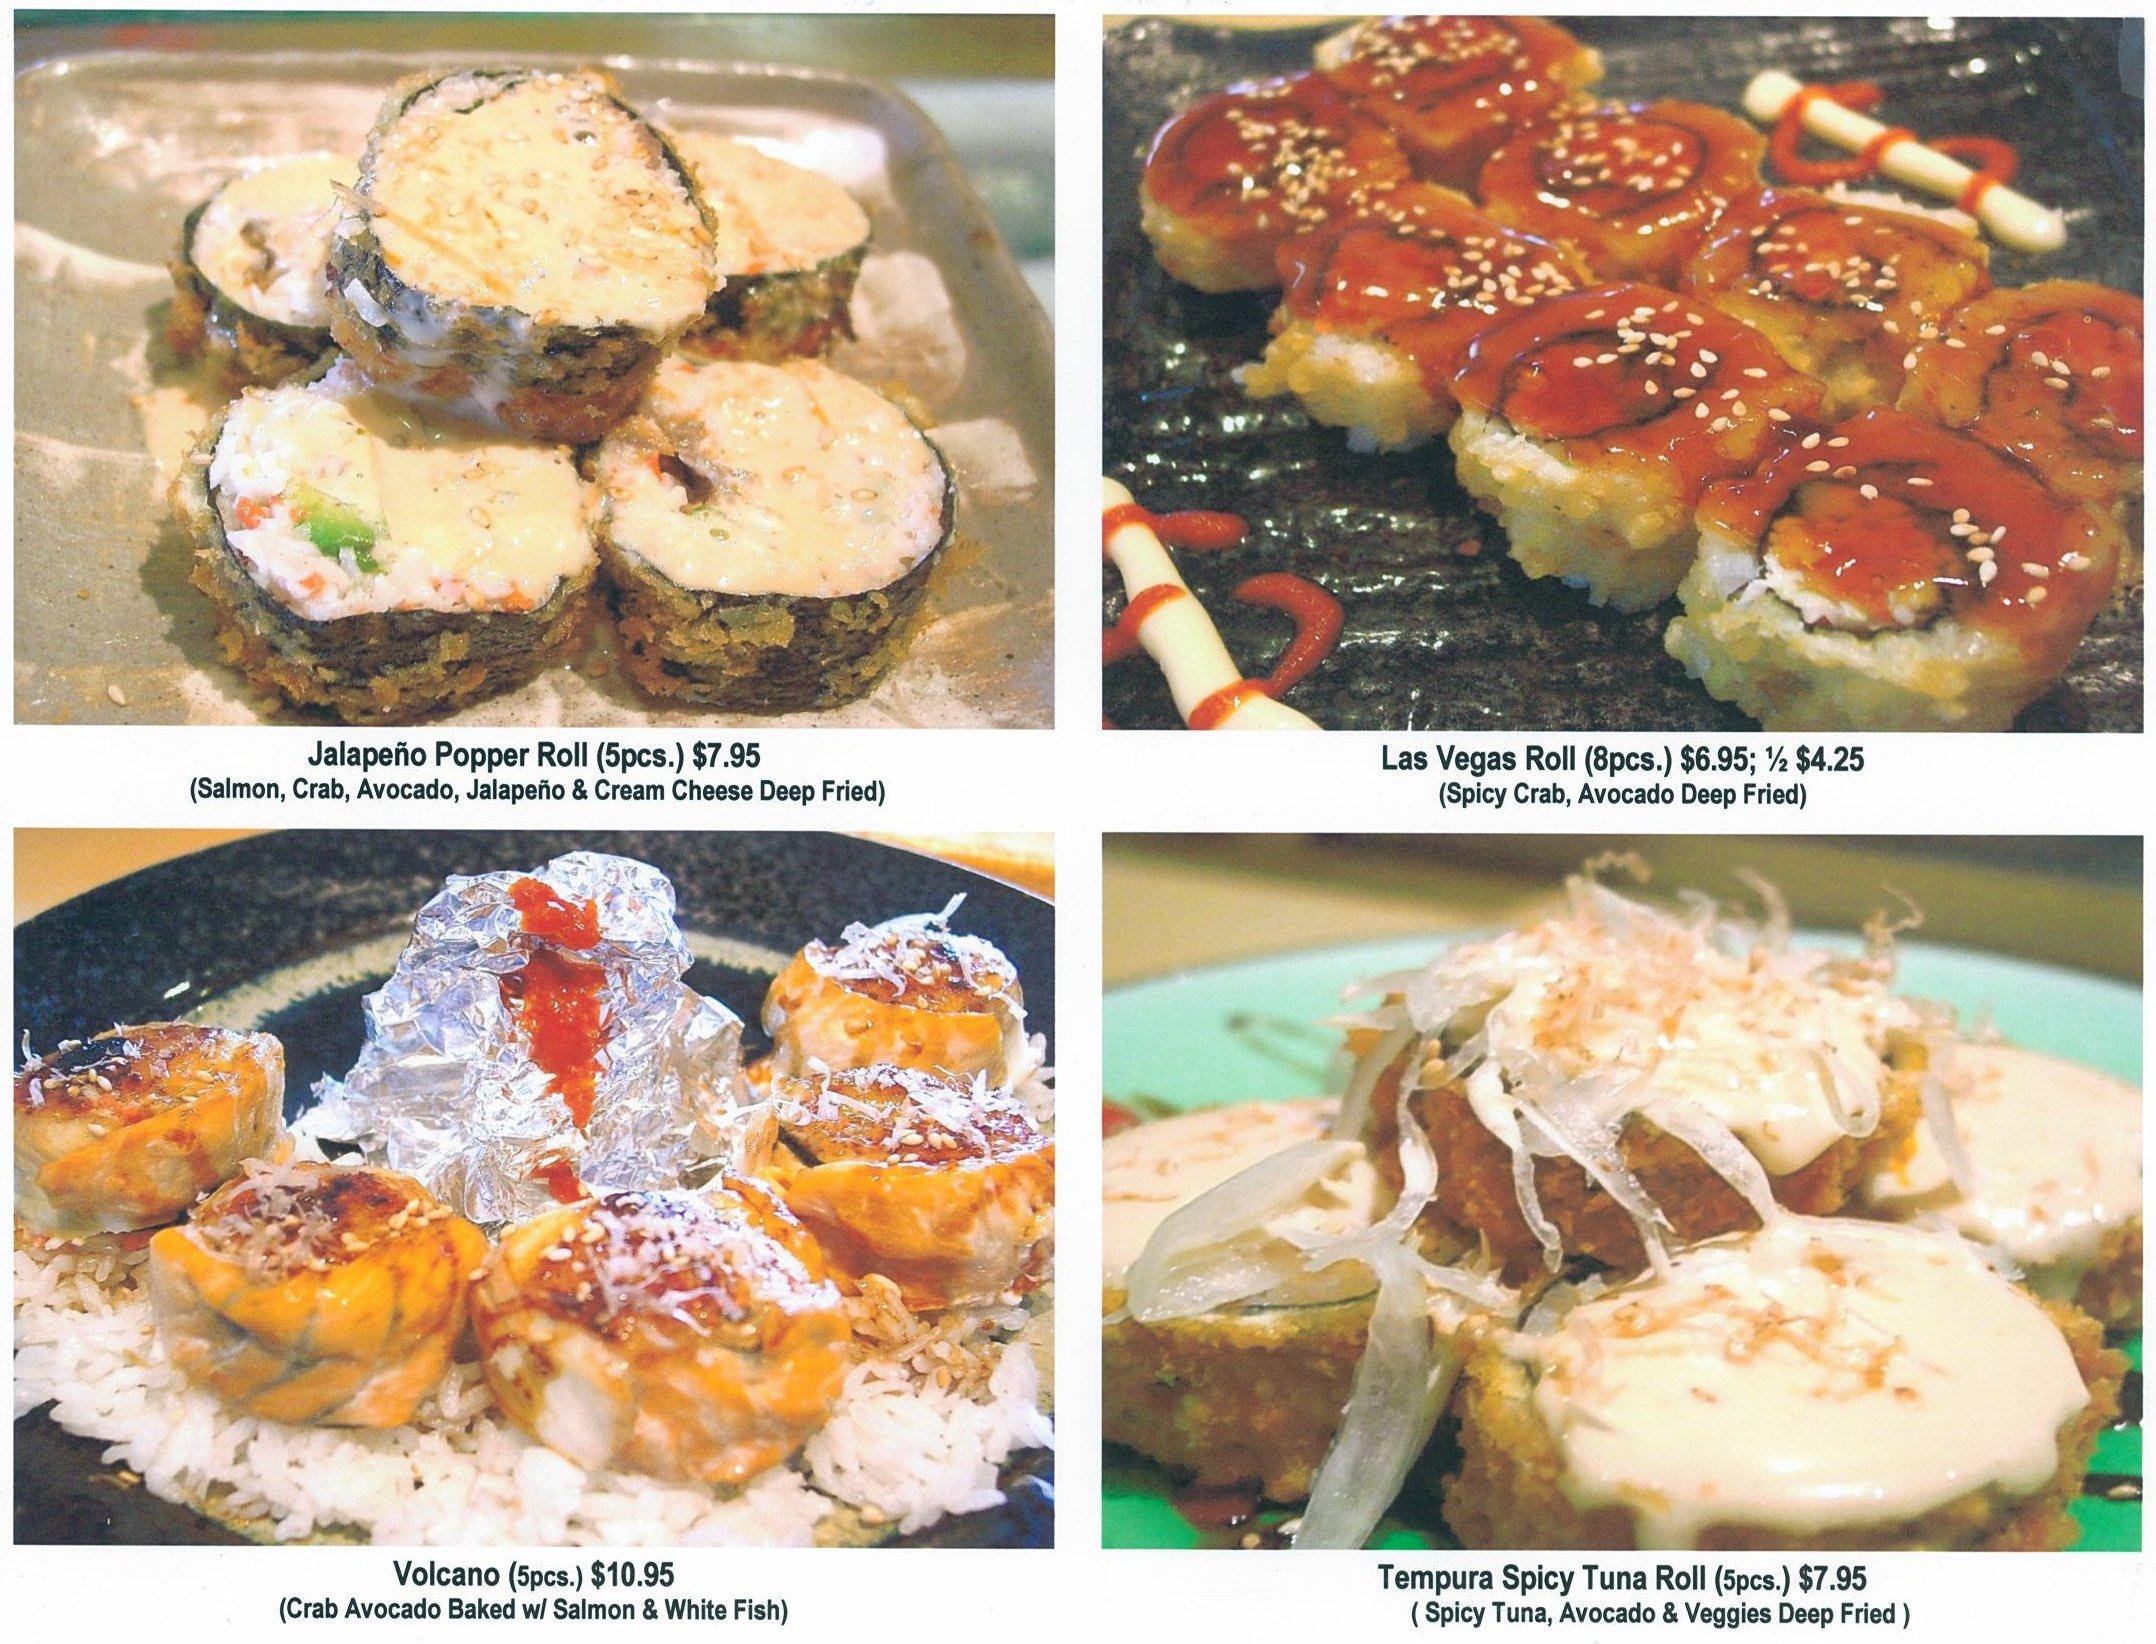 Sushi kawa sports bar grill asian asian fusion for Asian fusion cuisine and sushi bar